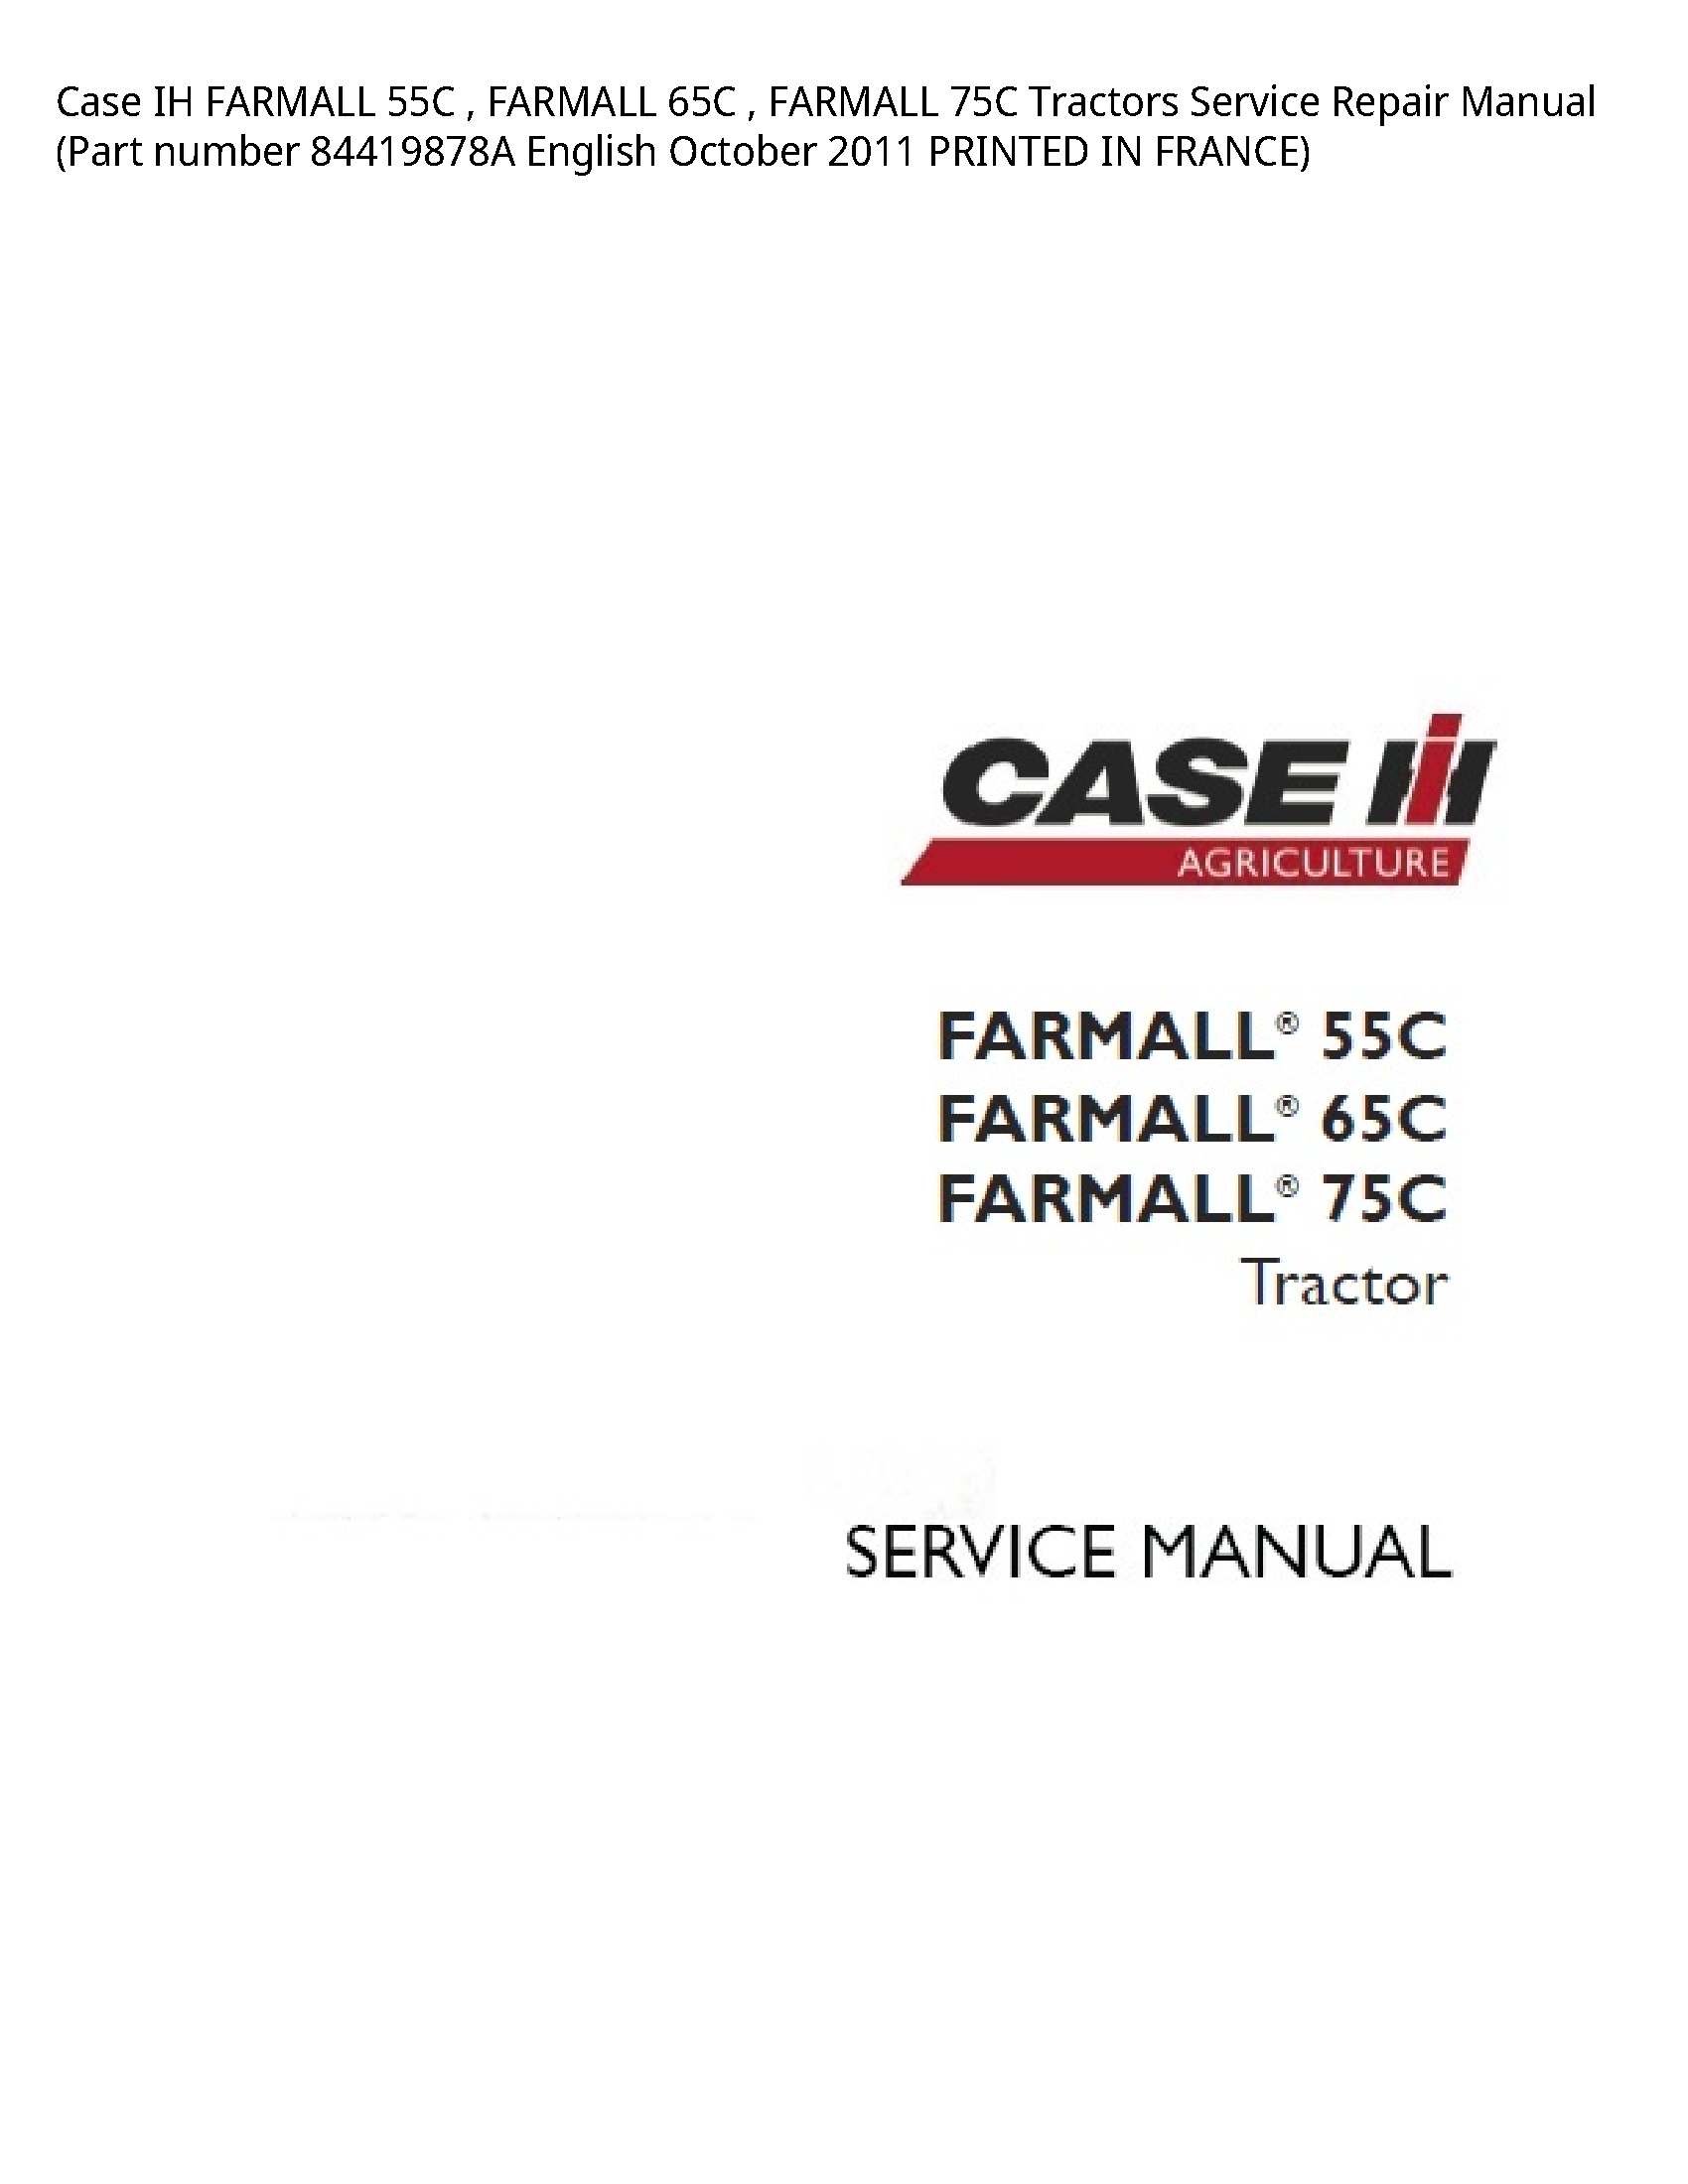 Case/Case IH 55C IH FARMALL FARMALL FARMALL Tractors manual